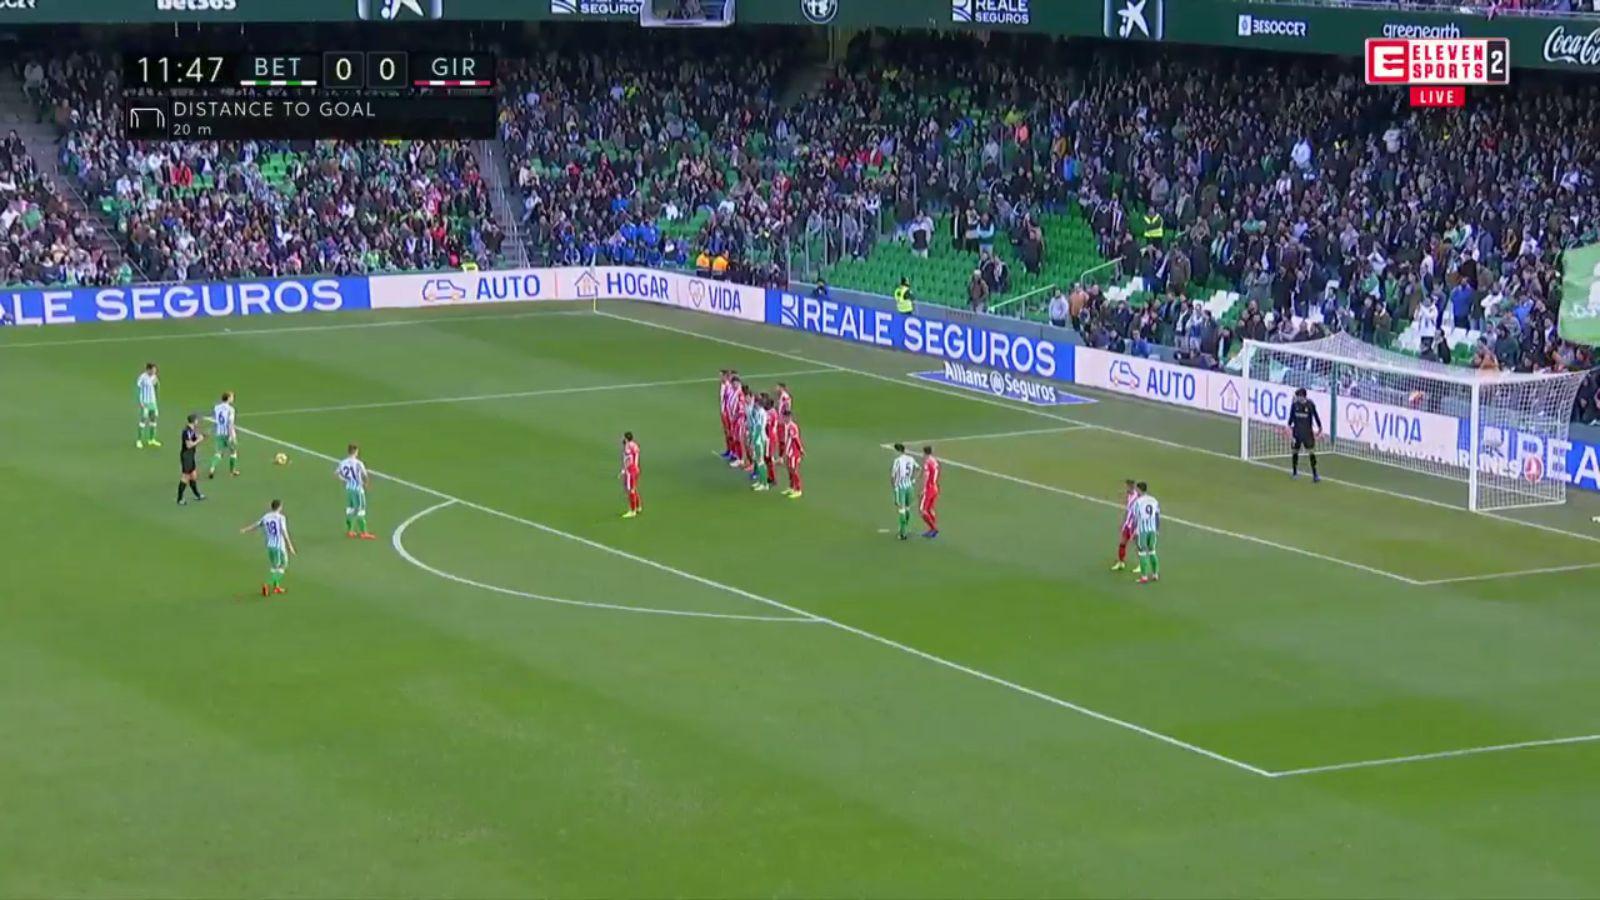 20-01-2019 - Real Betis 3-2 Girona